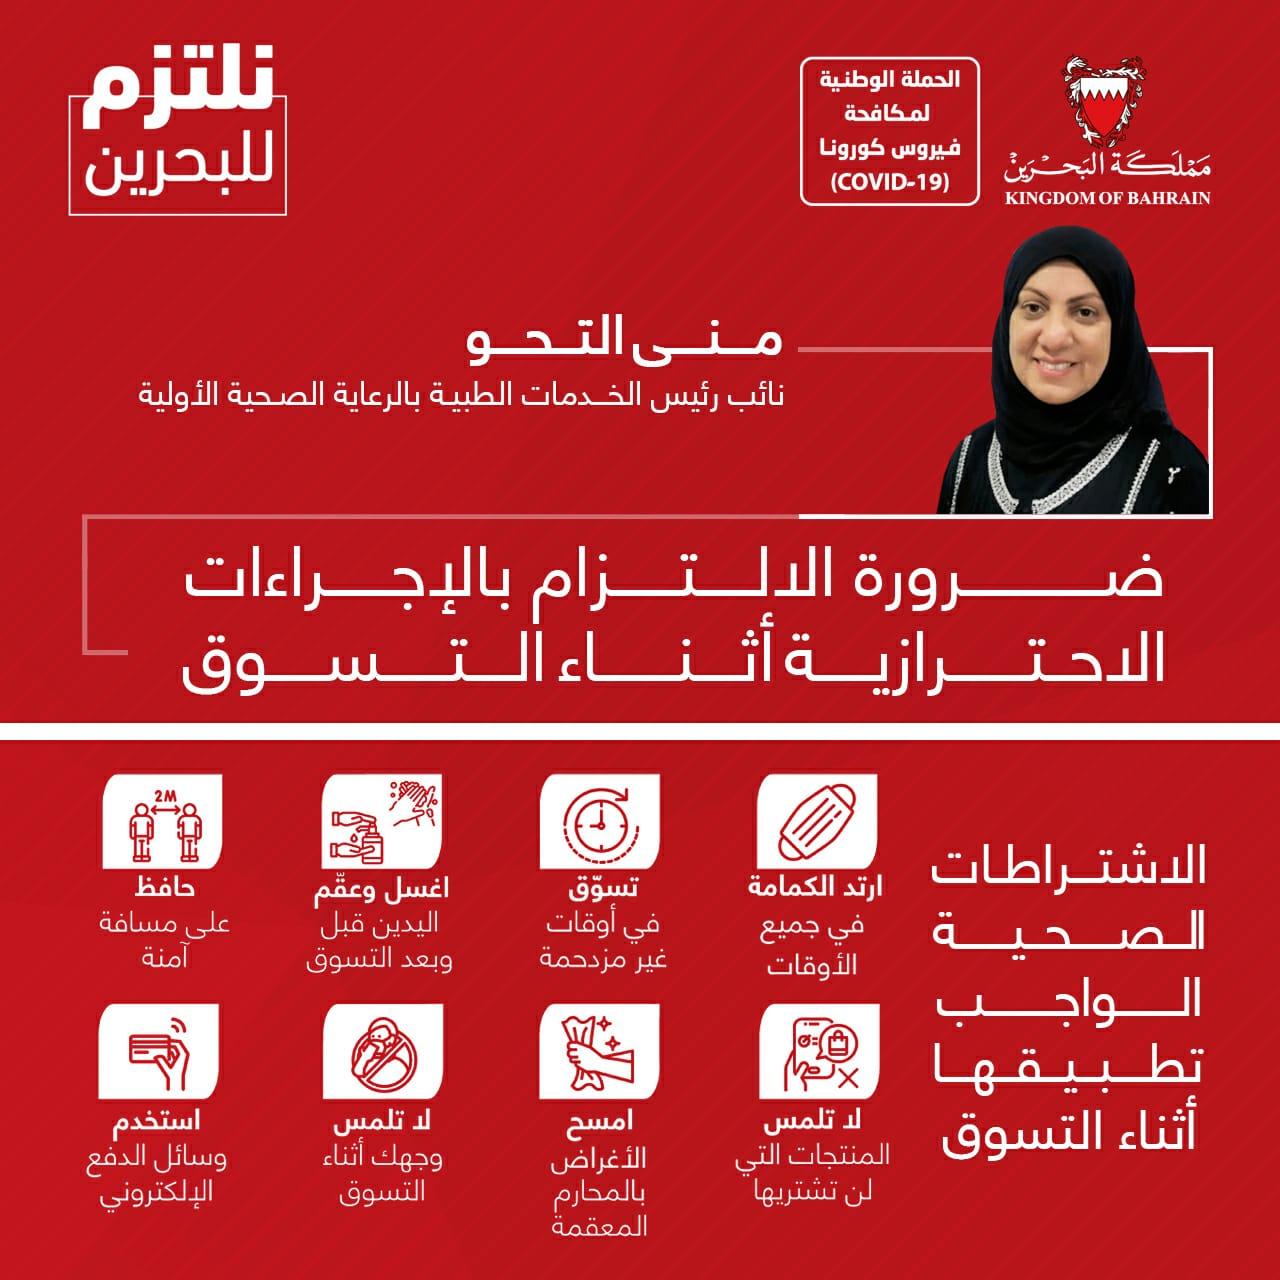 الدكتورة التحو: ضرورة الالتزام بالإجراءات الاحترازية أثناء التسوق